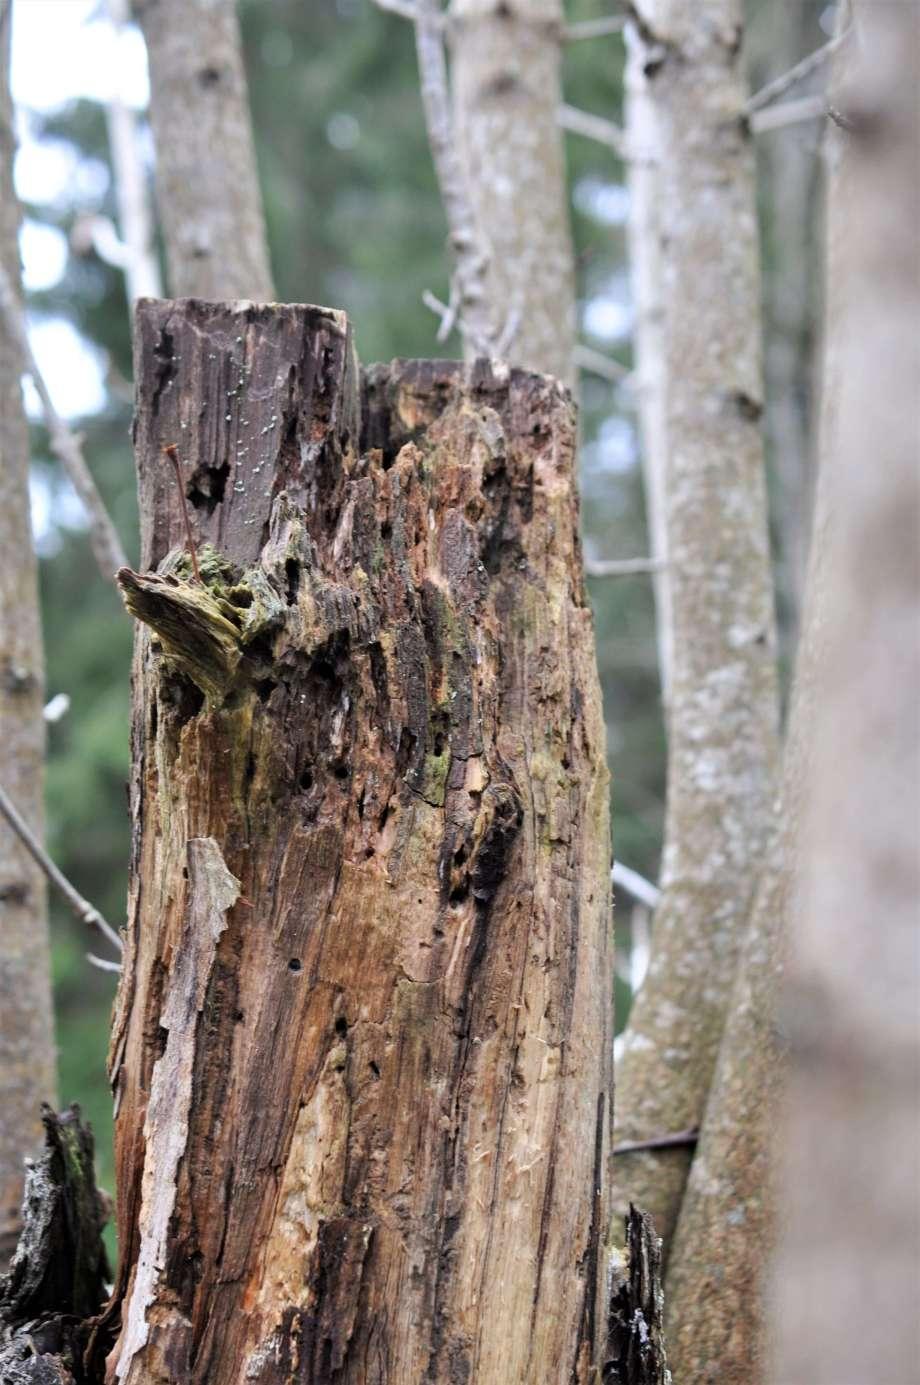 murken högstubbe omgiven av friska grenar